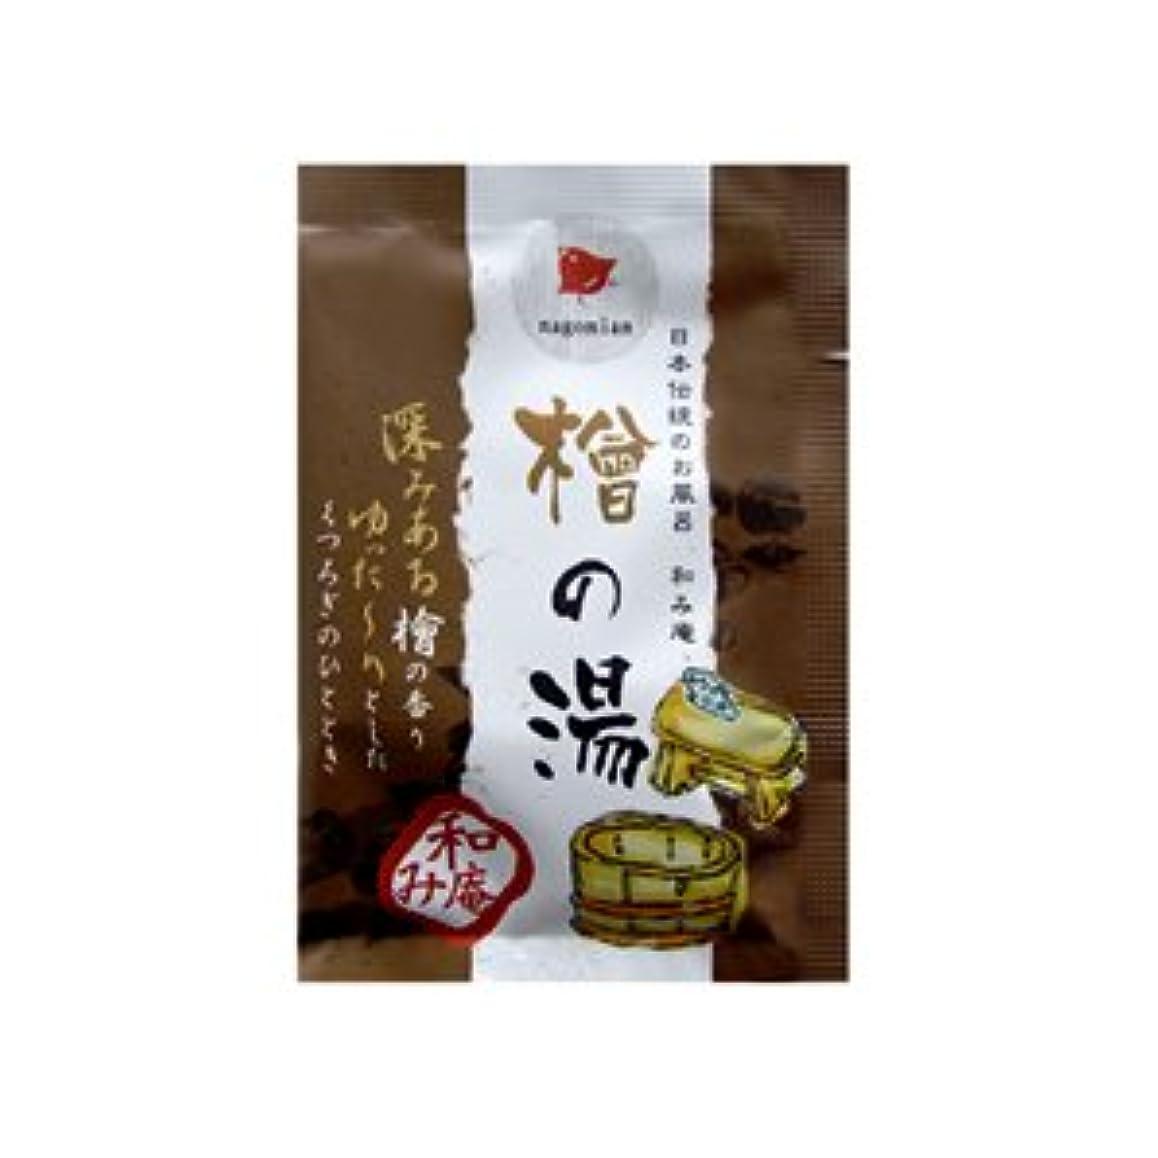 お金ゴム花嫁詐欺師日本伝統のお風呂 和み庵 檜の湯 25g 5個セット